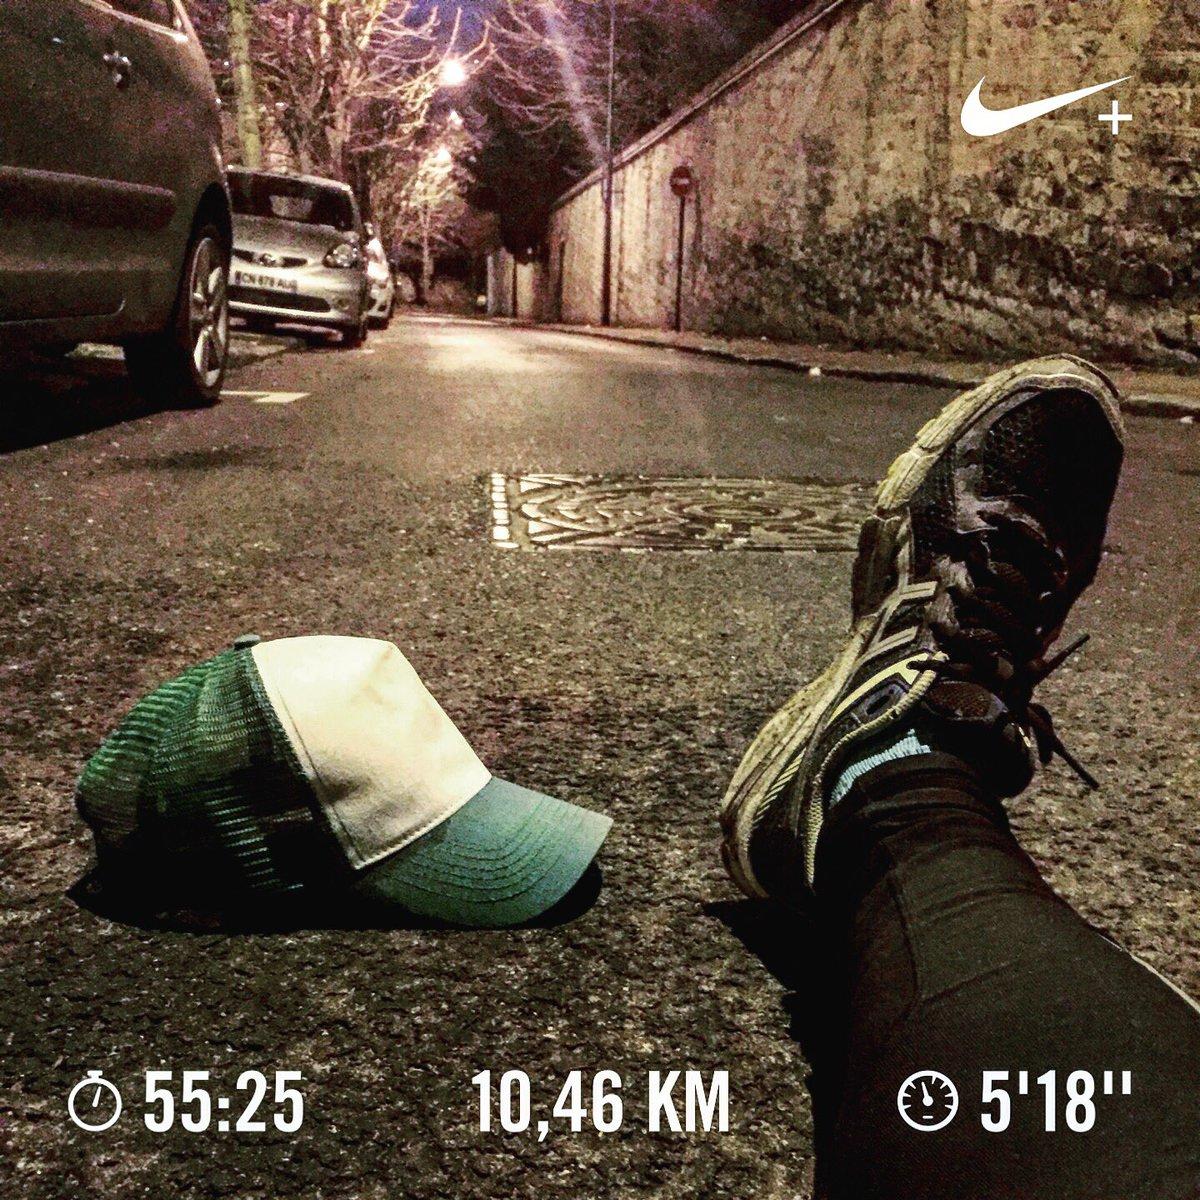 Séance dénivelé  Je monte en courant mais c&#39;est pas encore facile facile  La prépa continue  #CasquetteVerte #Running #Trail <br>http://pic.twitter.com/hM1w6KOuZS